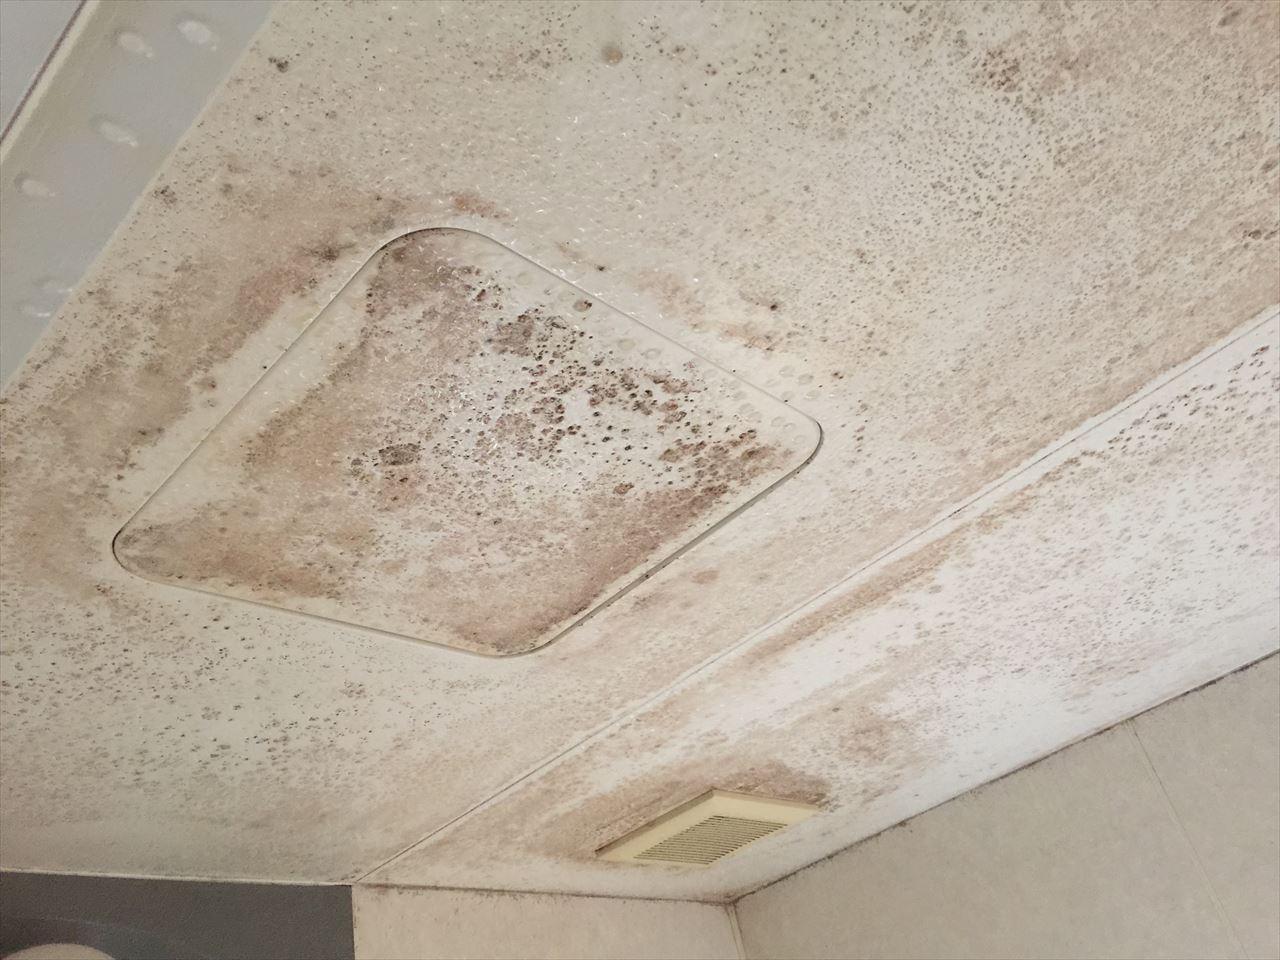 南区T邸お風呂場天井汚れ落としの施工前写真その1